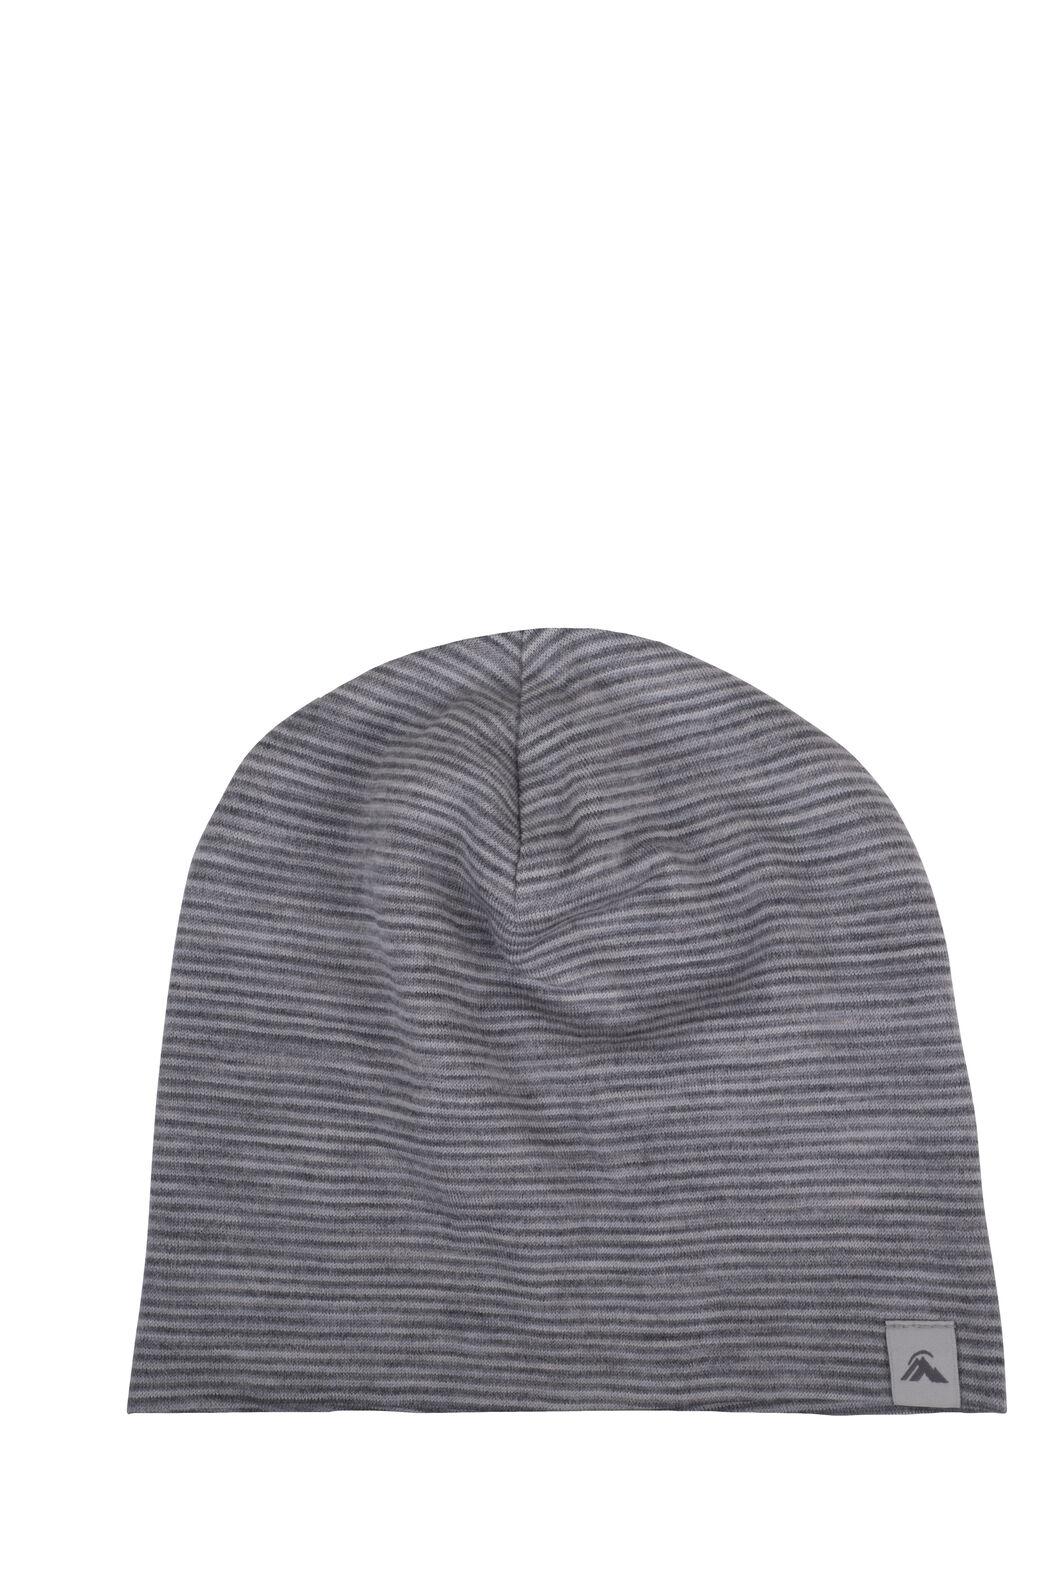 Macpac 150 Merino Beanie — Baby, Light Grey Stripe, hi-res